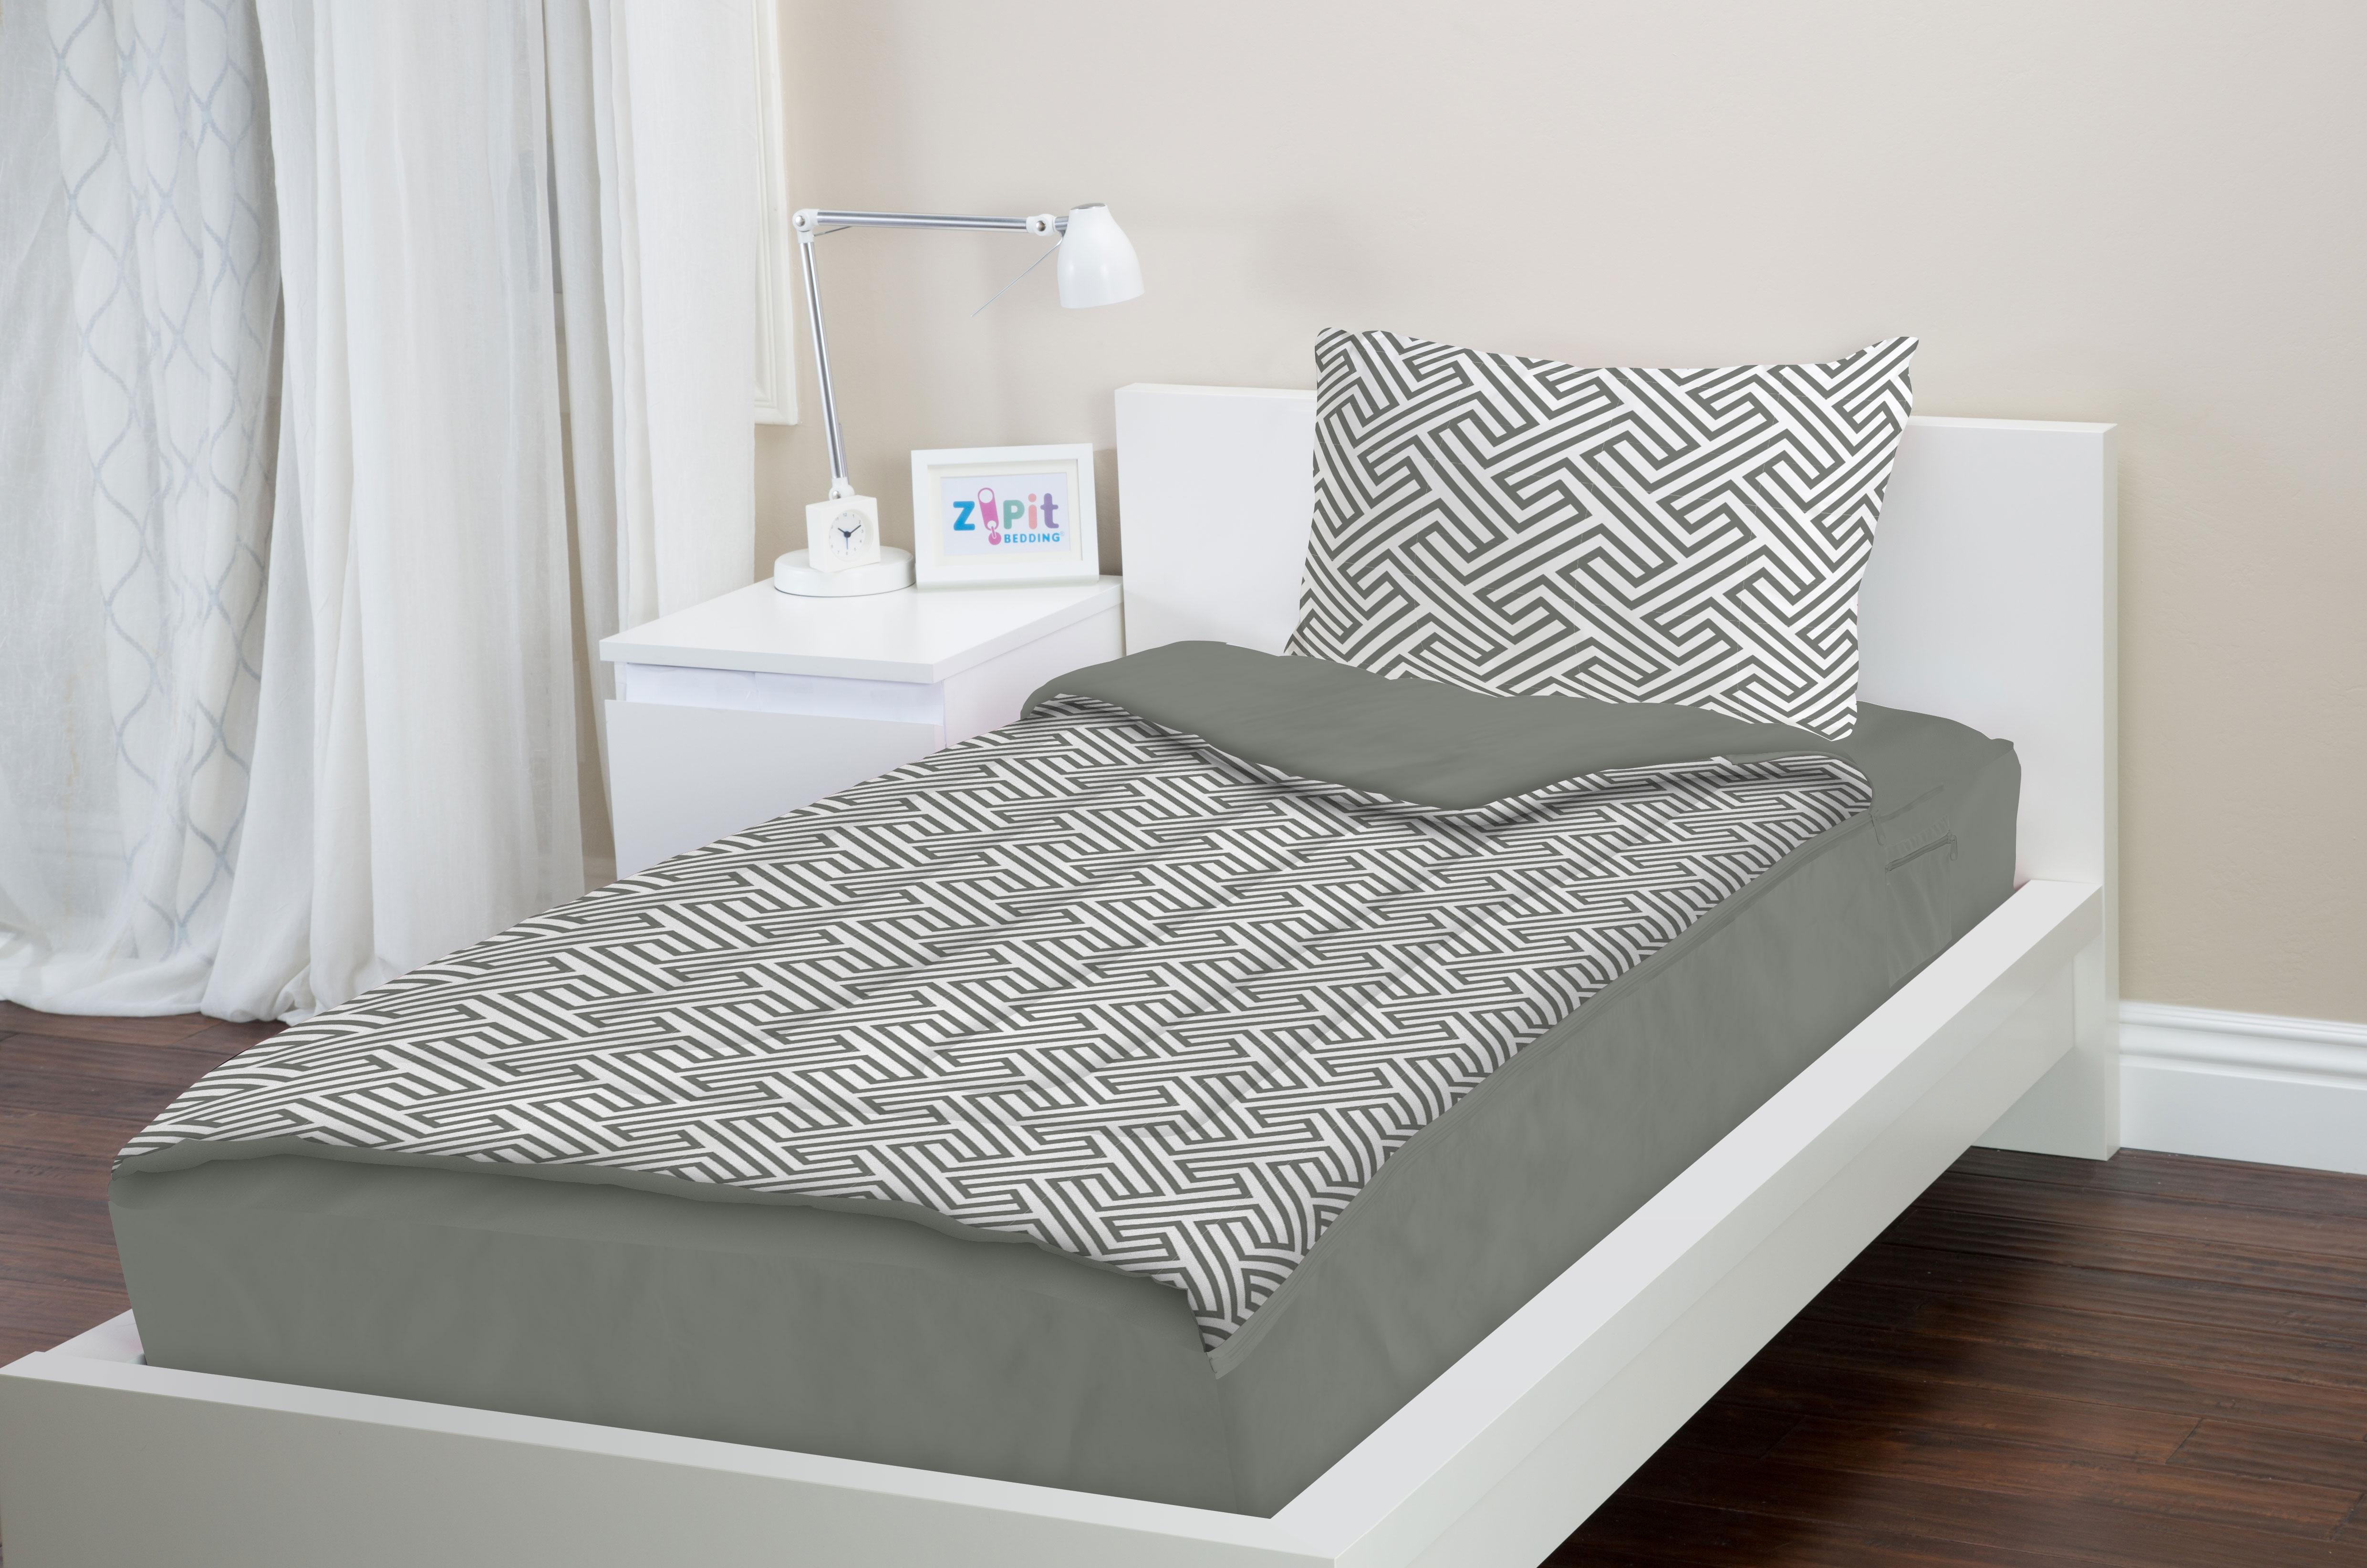 Zipit Bedding Queen Size